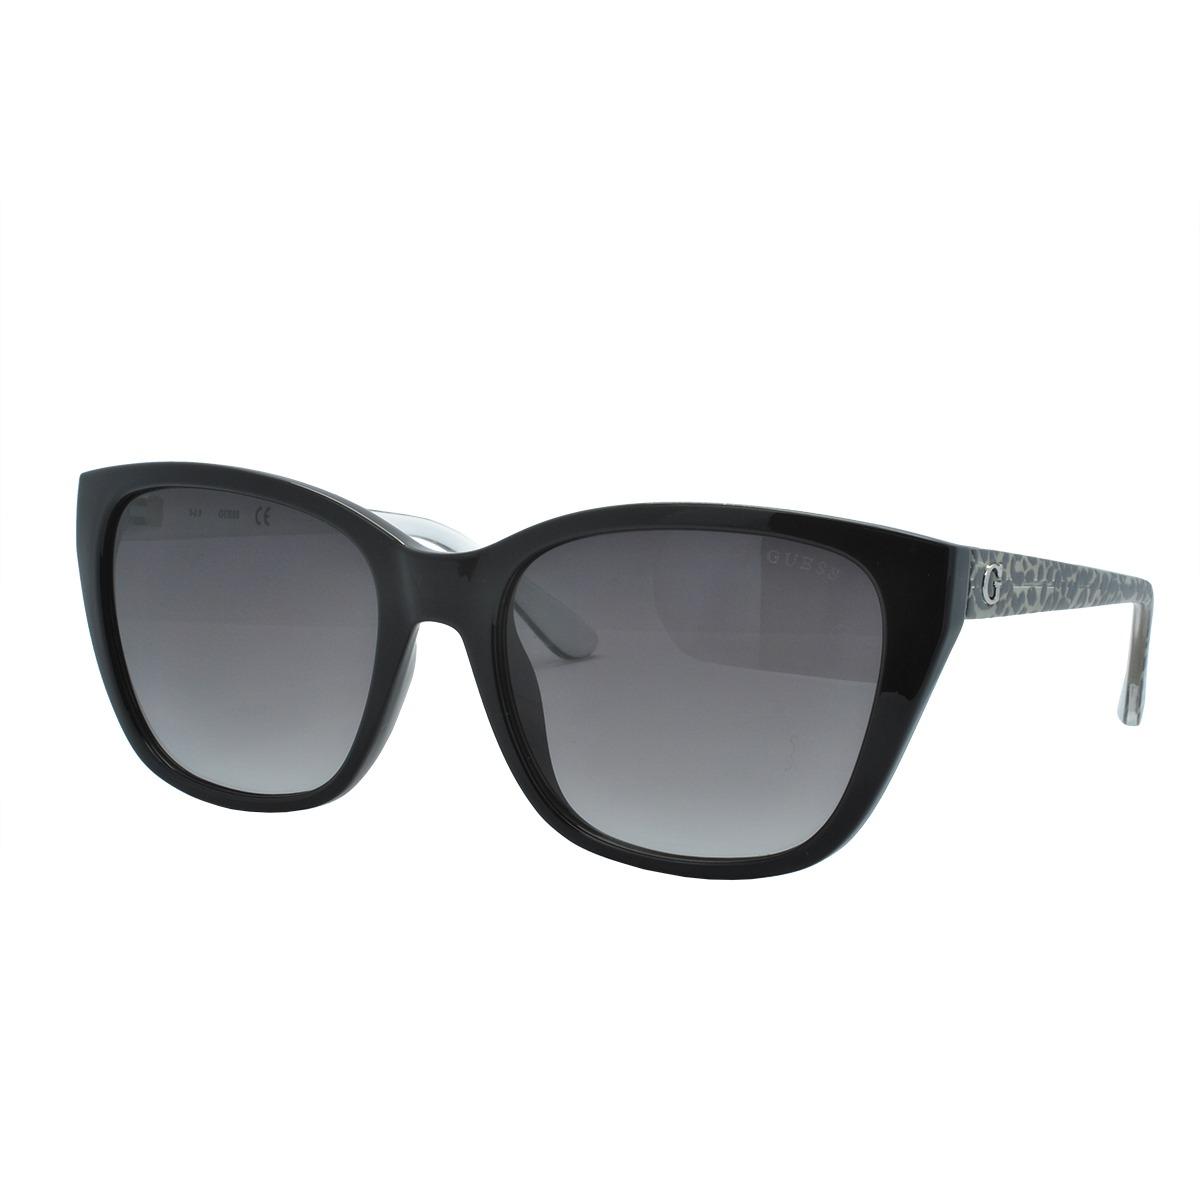 b5374b9da Óculos De Sol Guess Original Feminino Gu7593 05b - R$ 460,00 em ...